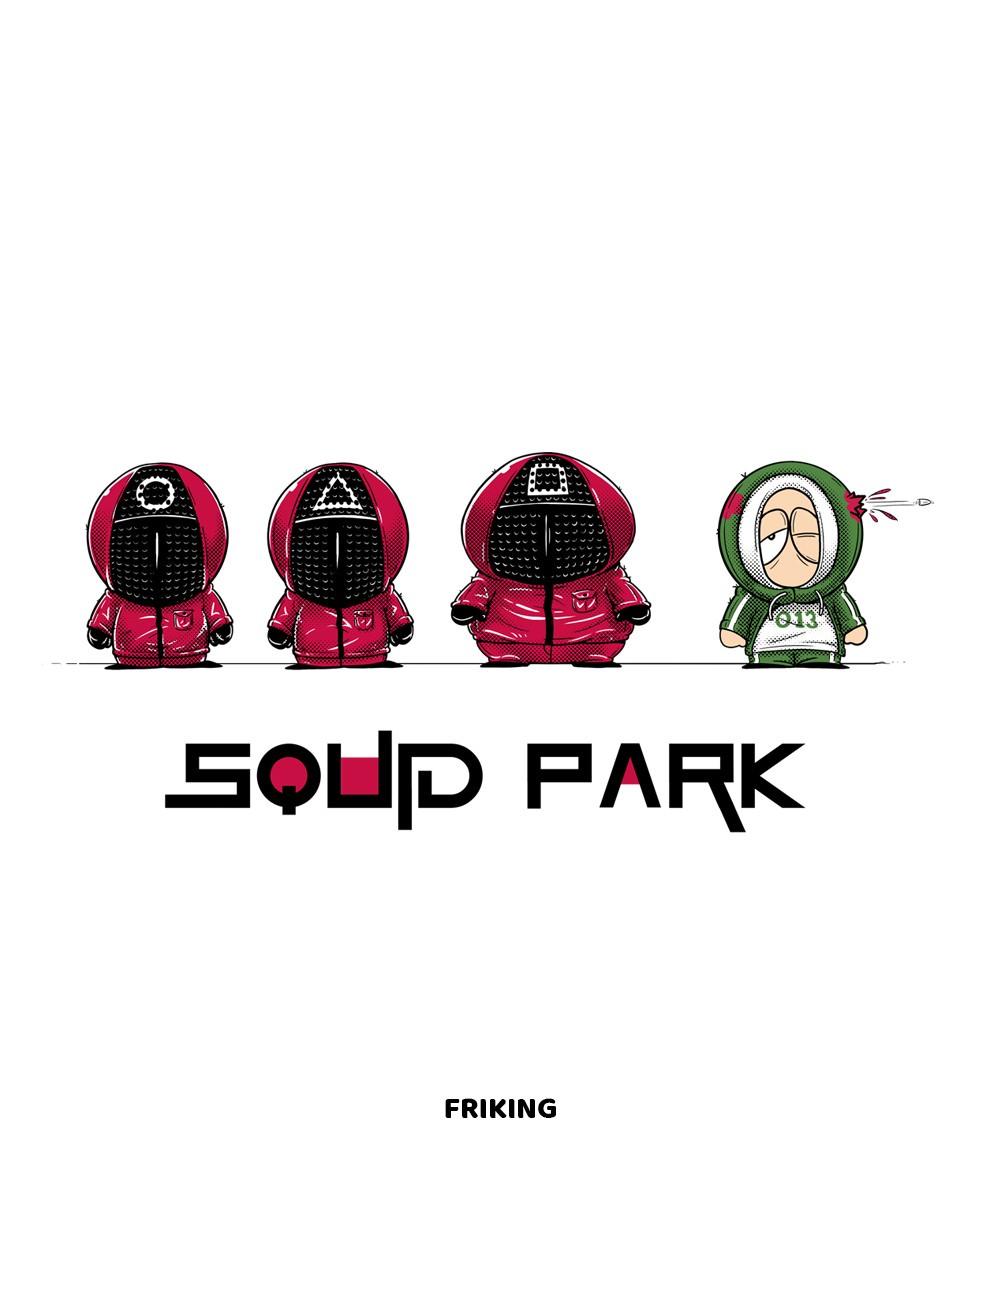 Squidpark